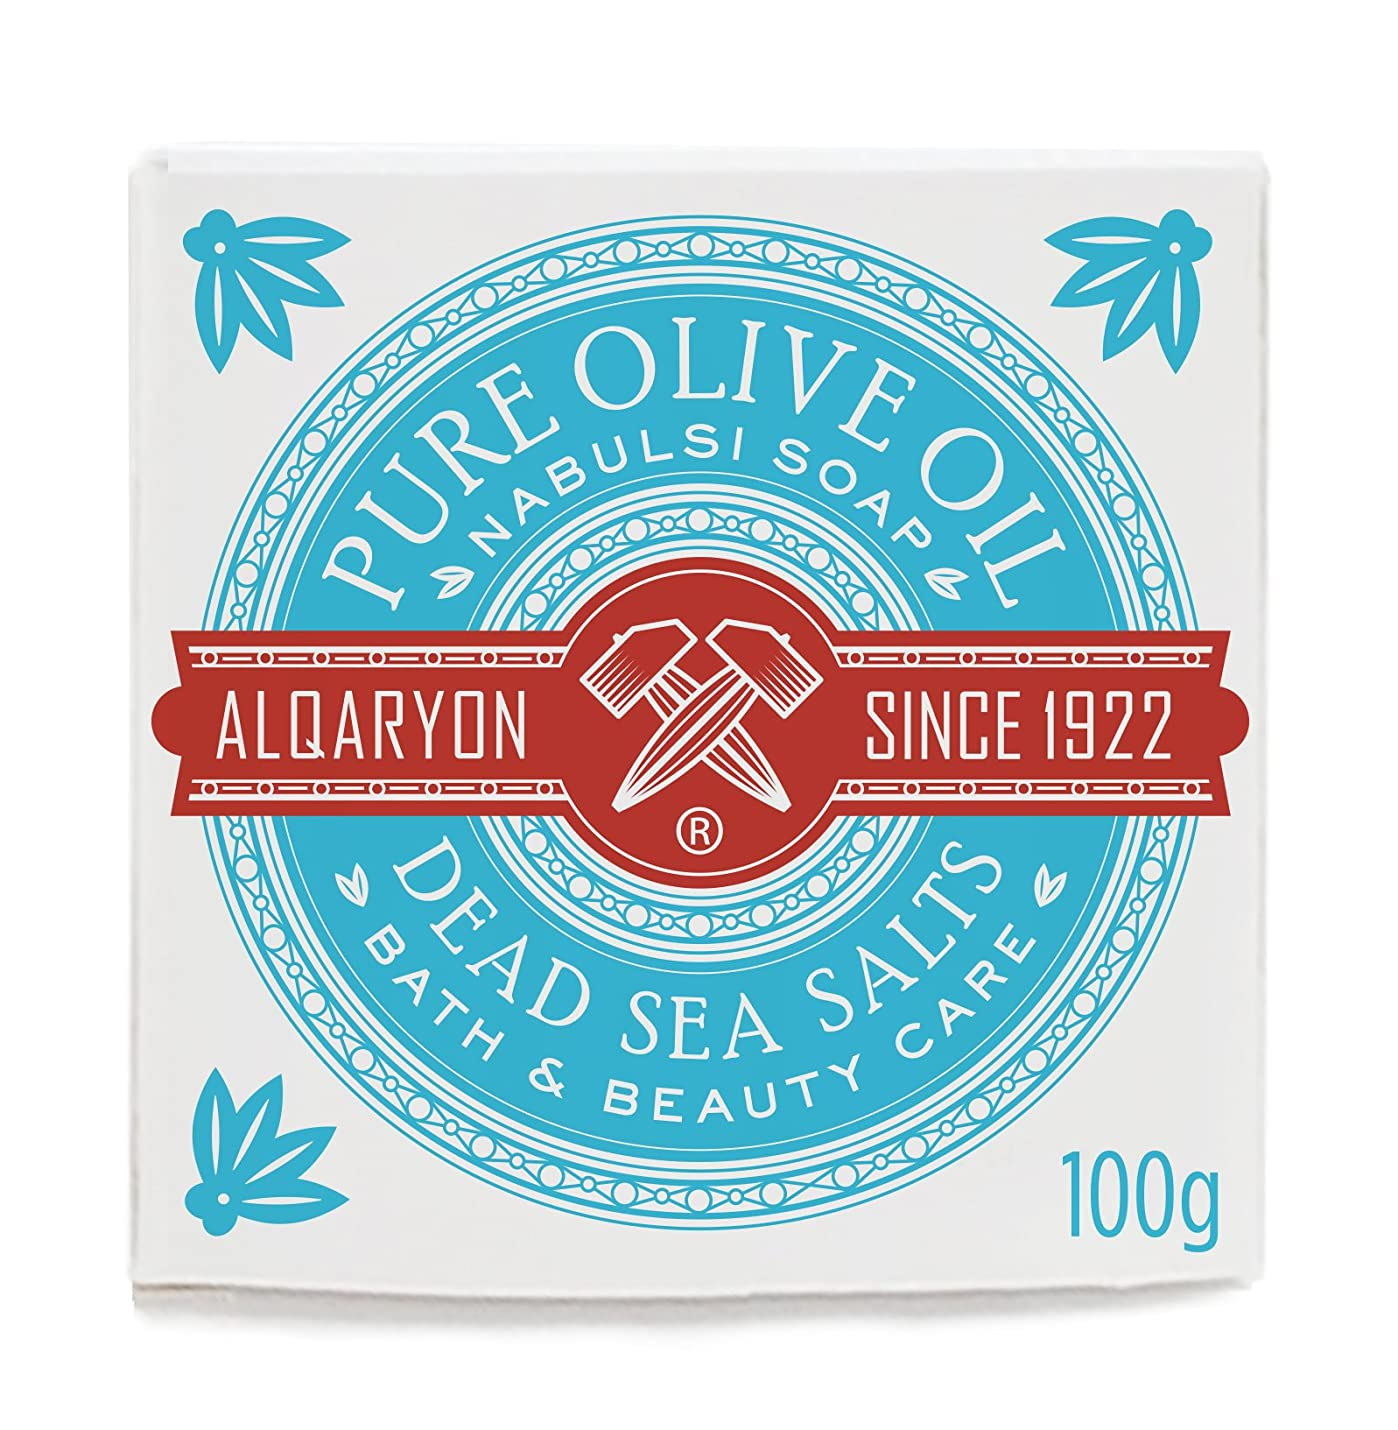 カテゴリー世代ミットAlqaryon Dead Sea Salts & Olive Oil Bar Soap, Pack of 4 Bars 100g- Alqaryonの死海で取れる塩&オリーブオイル ソープ、バス & ビューティー ケア、100gの石鹸4個のパック